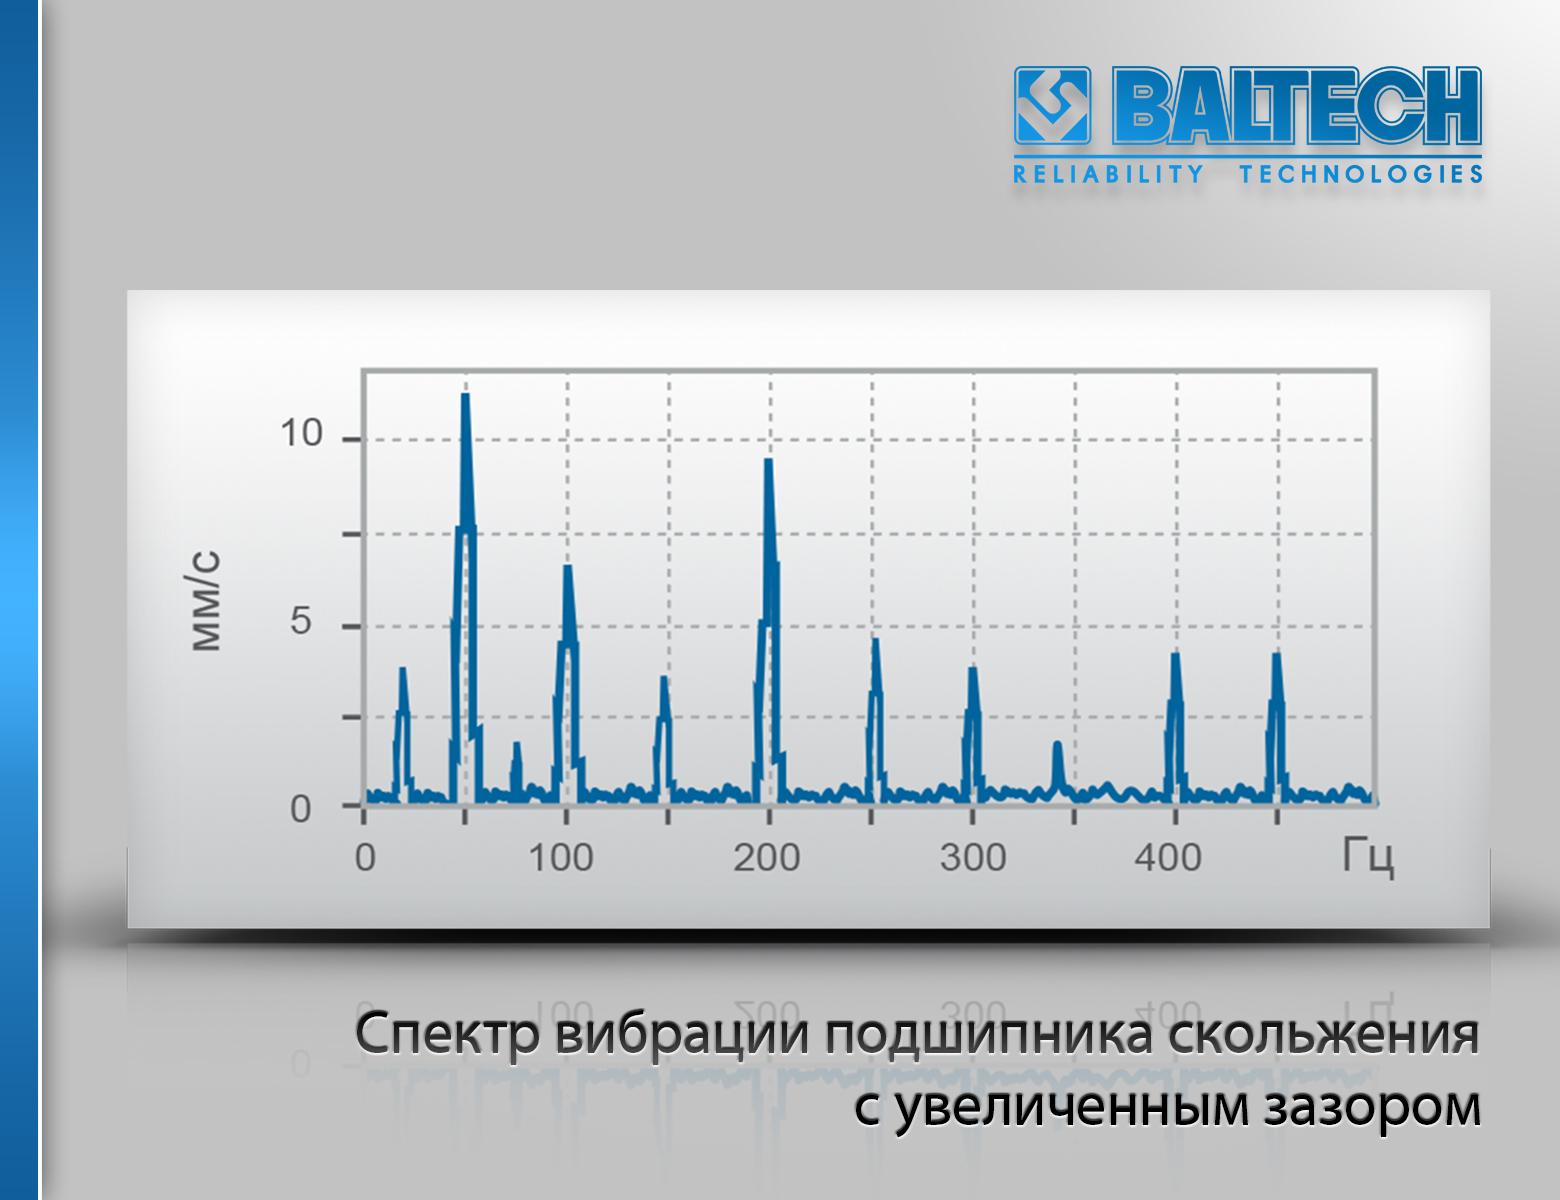 Спектр вибрации подшипника скольжения с увеличенным зазором, диагностика подшипников